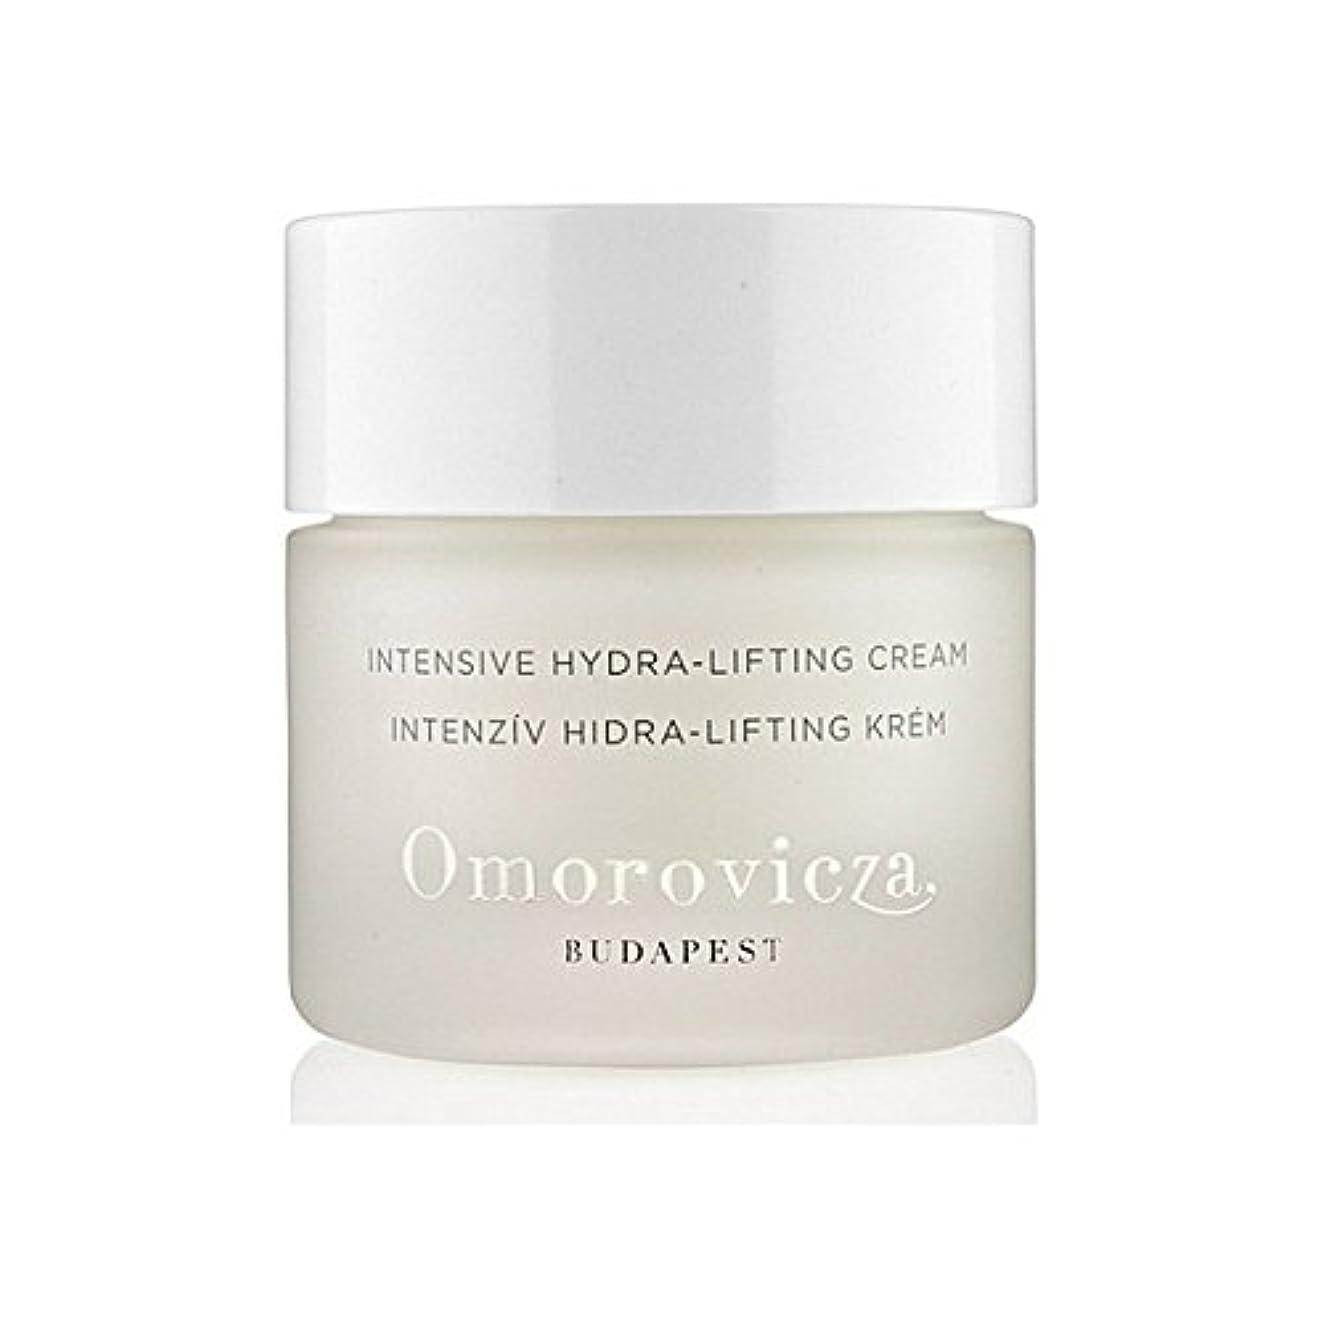 鬼ごっこファンネルウェブスパイダー器用Omorovicza Intensive Hydra-Lifting Cream 50Ml (Pack of 6) - 集中的なヒドラリフティングクリーム50 x6 [並行輸入品]